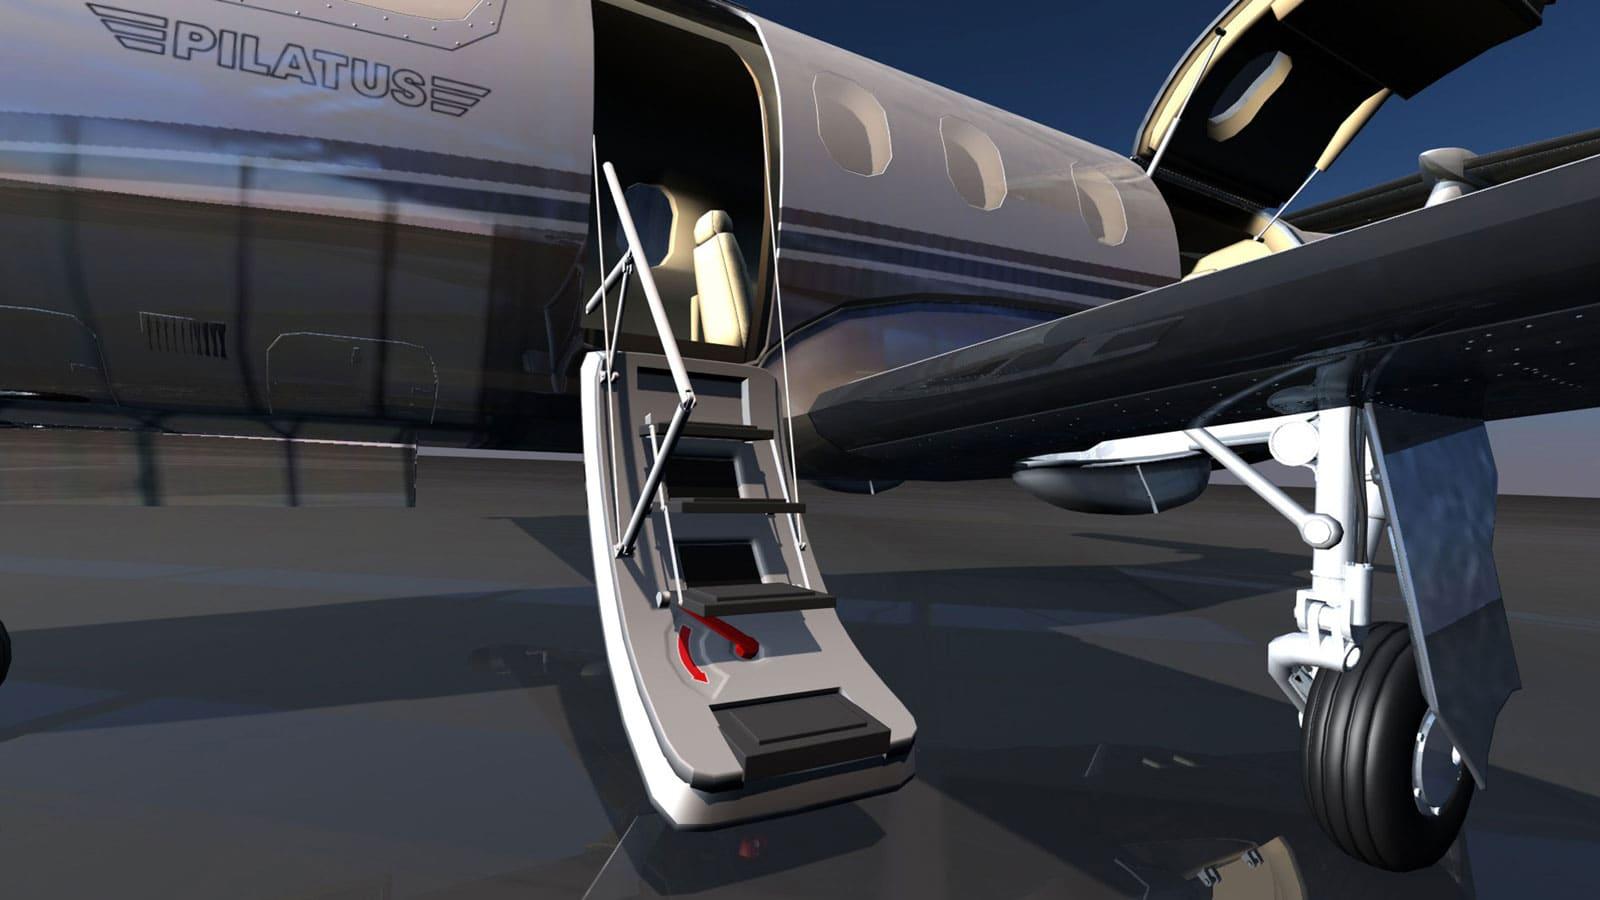 2016 Pilatus Concept Render Girraphic 7